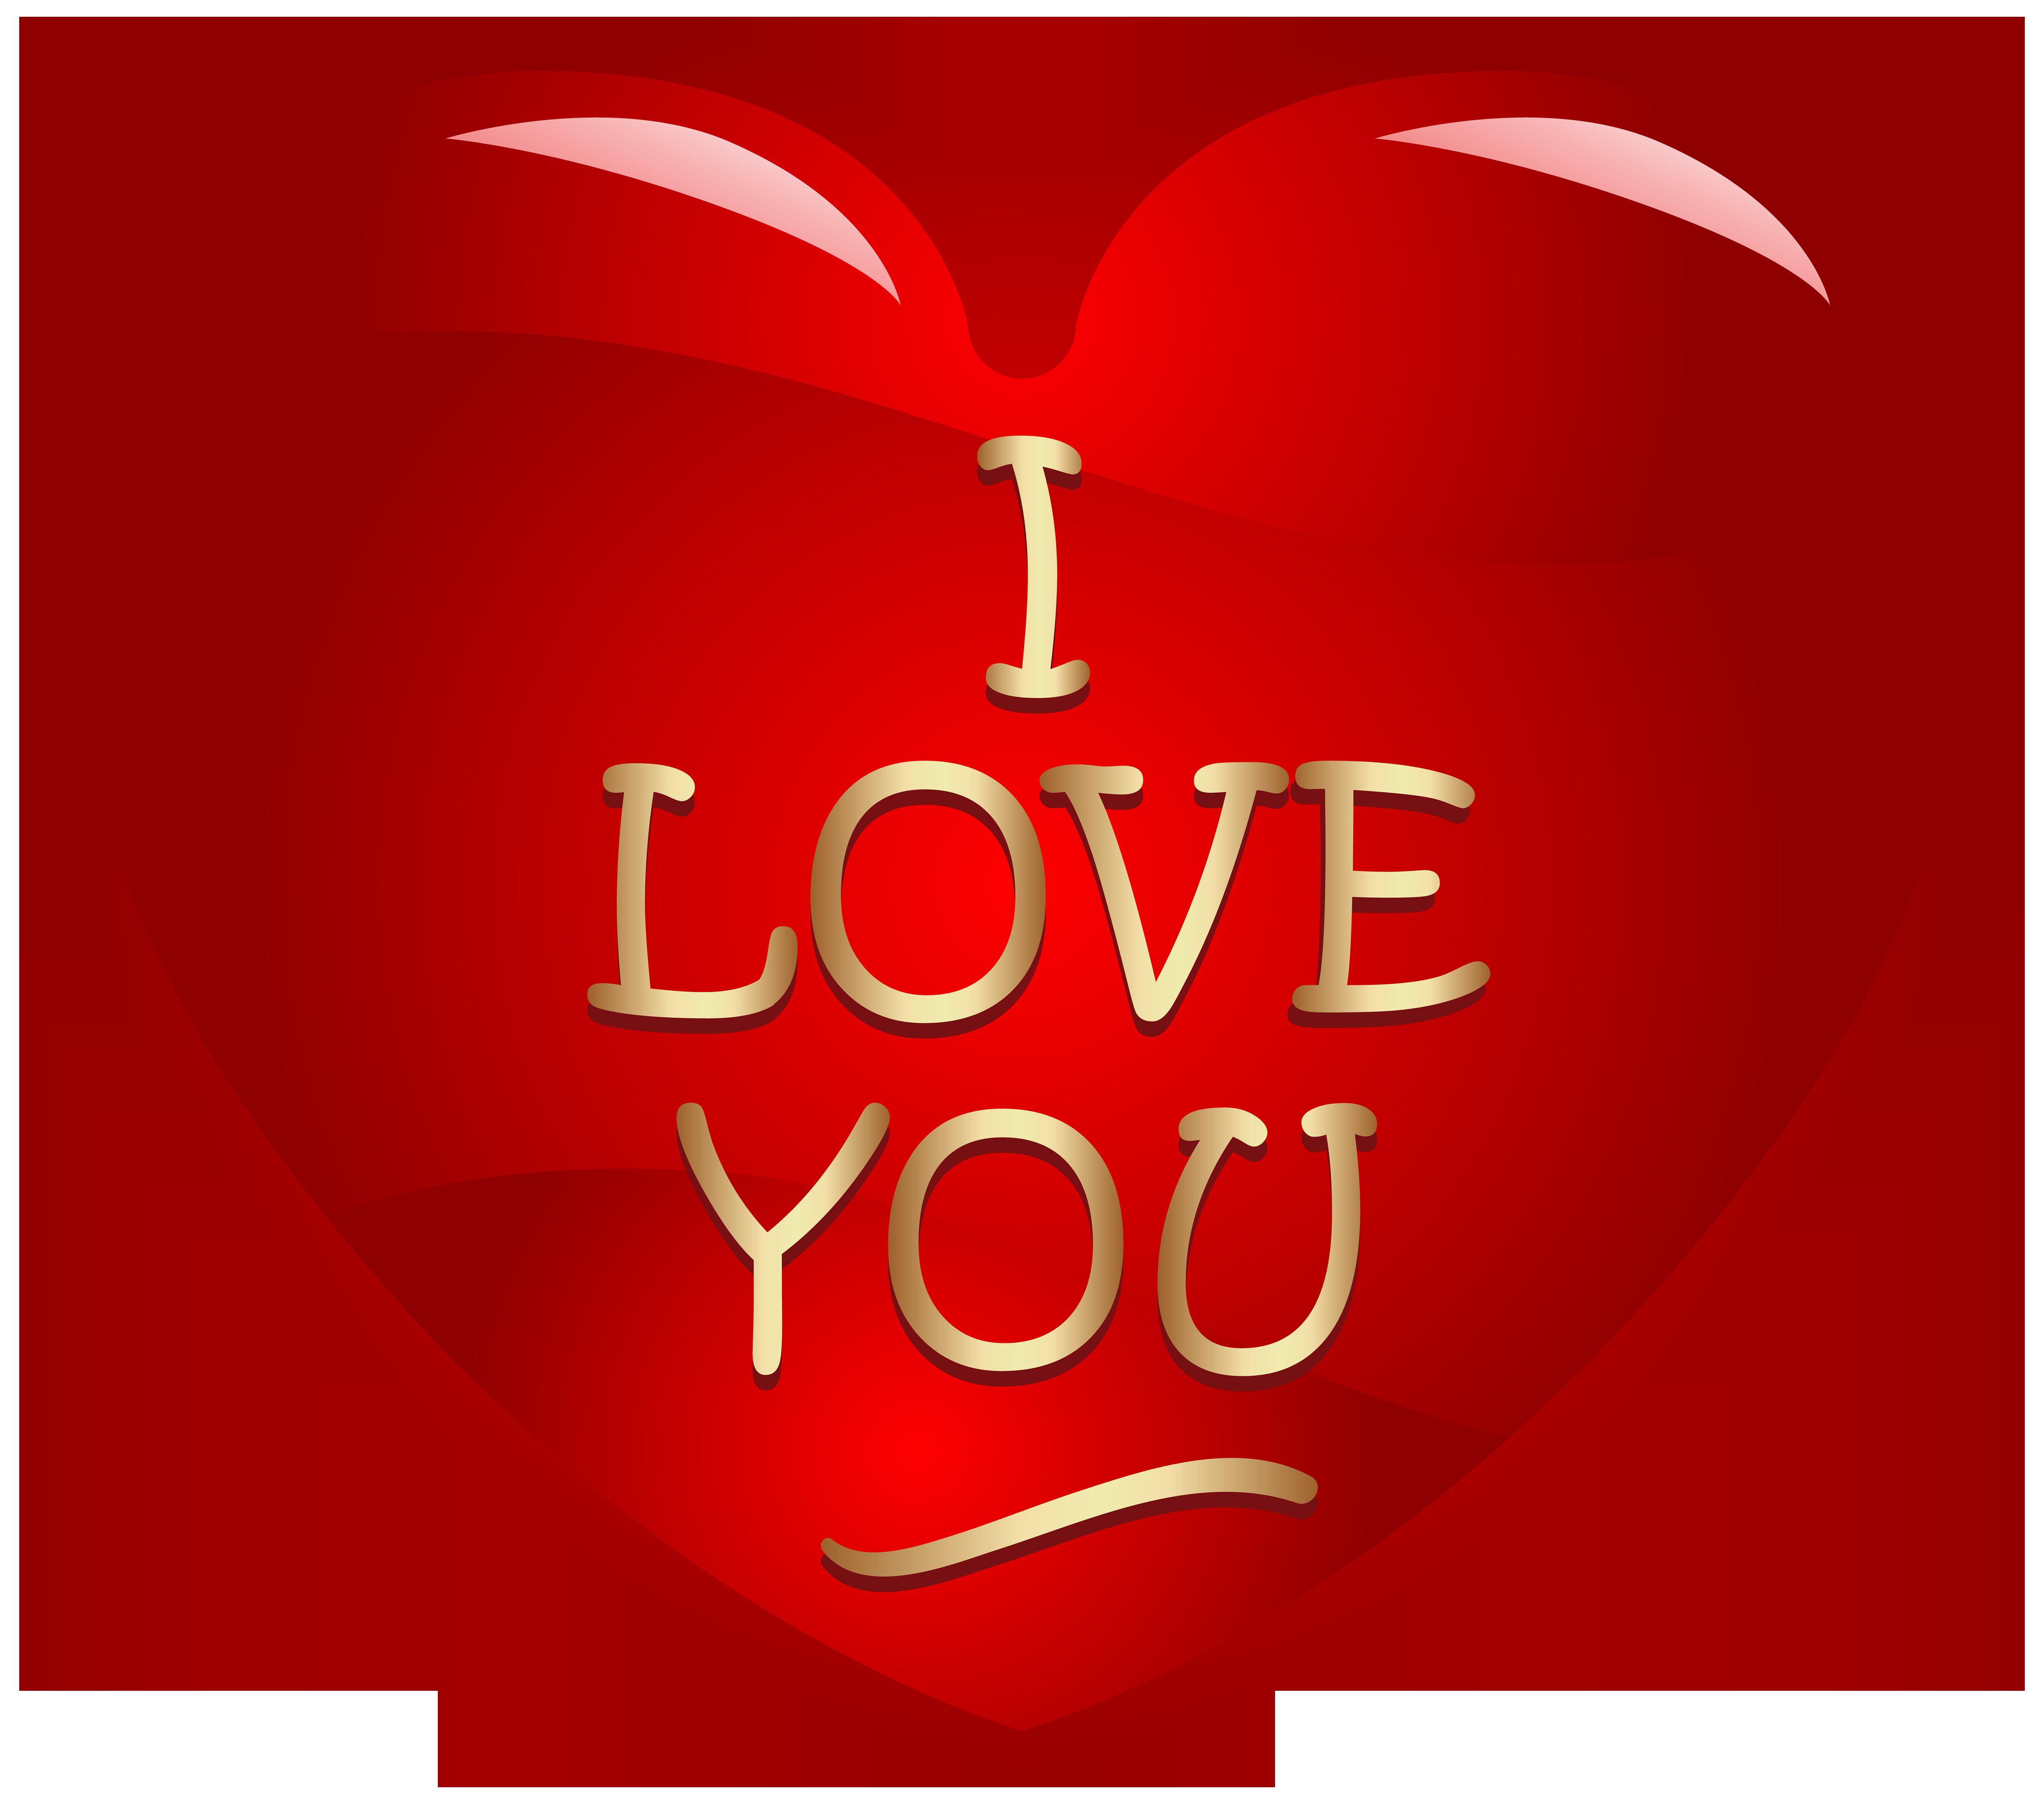 I Love You Written in Heart